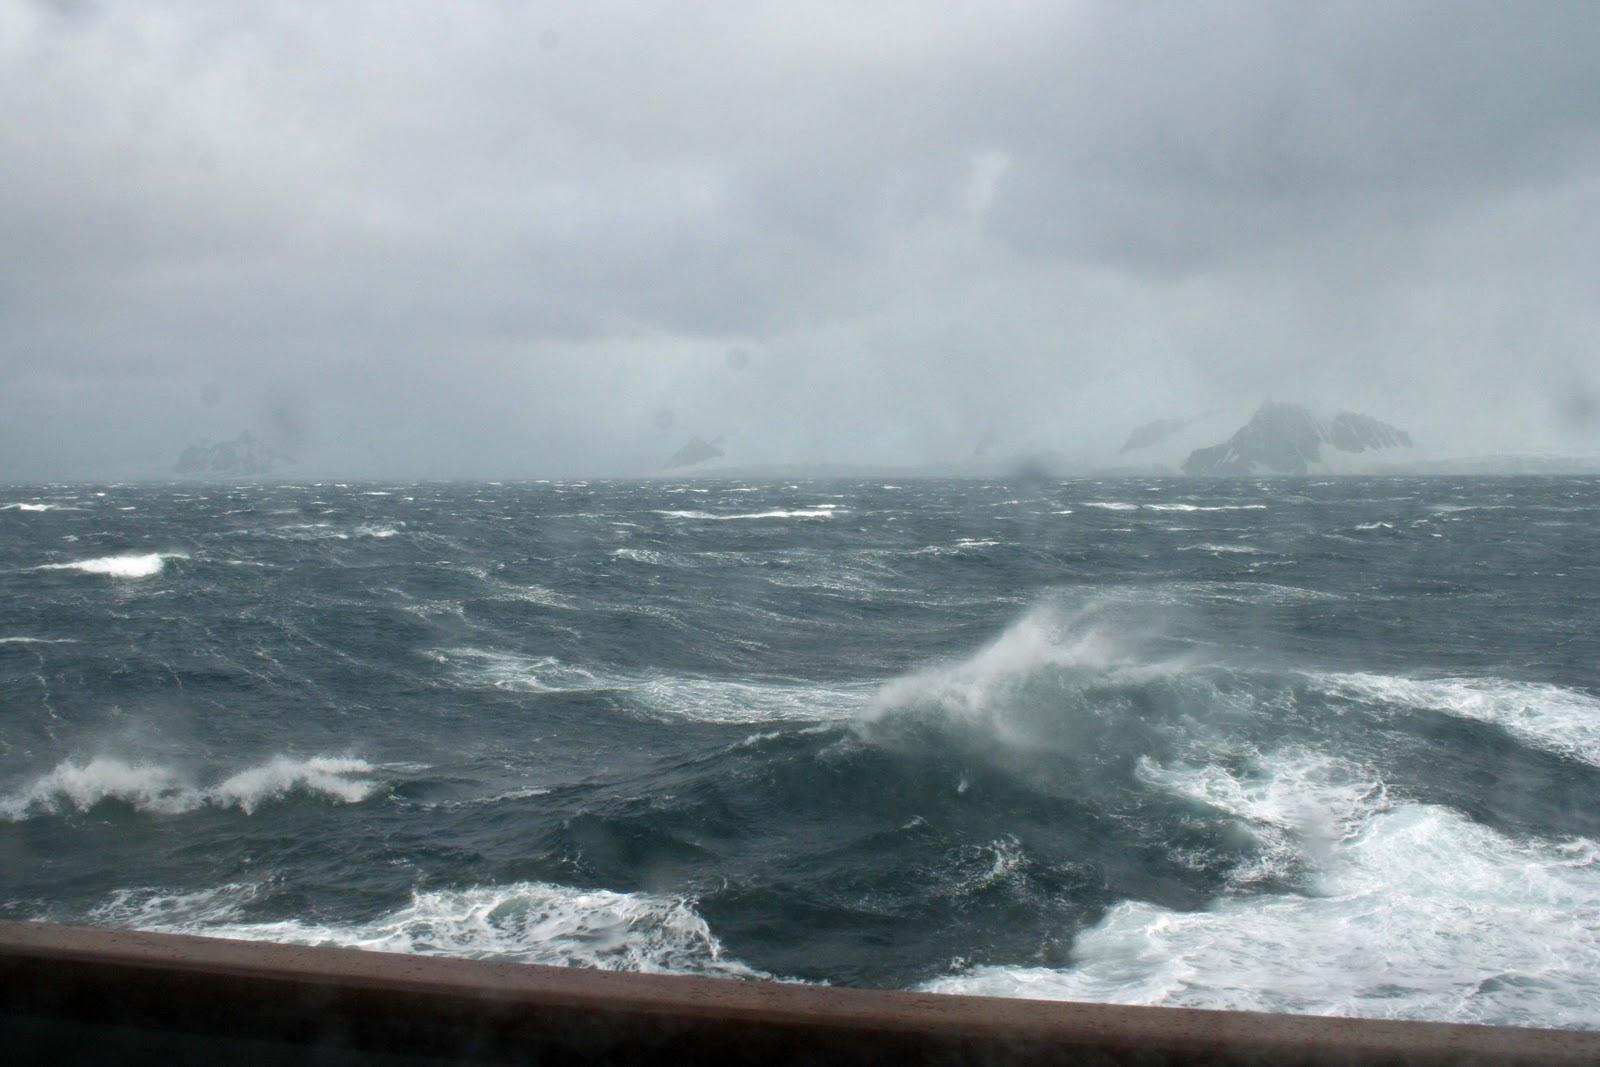 штормующее море фото